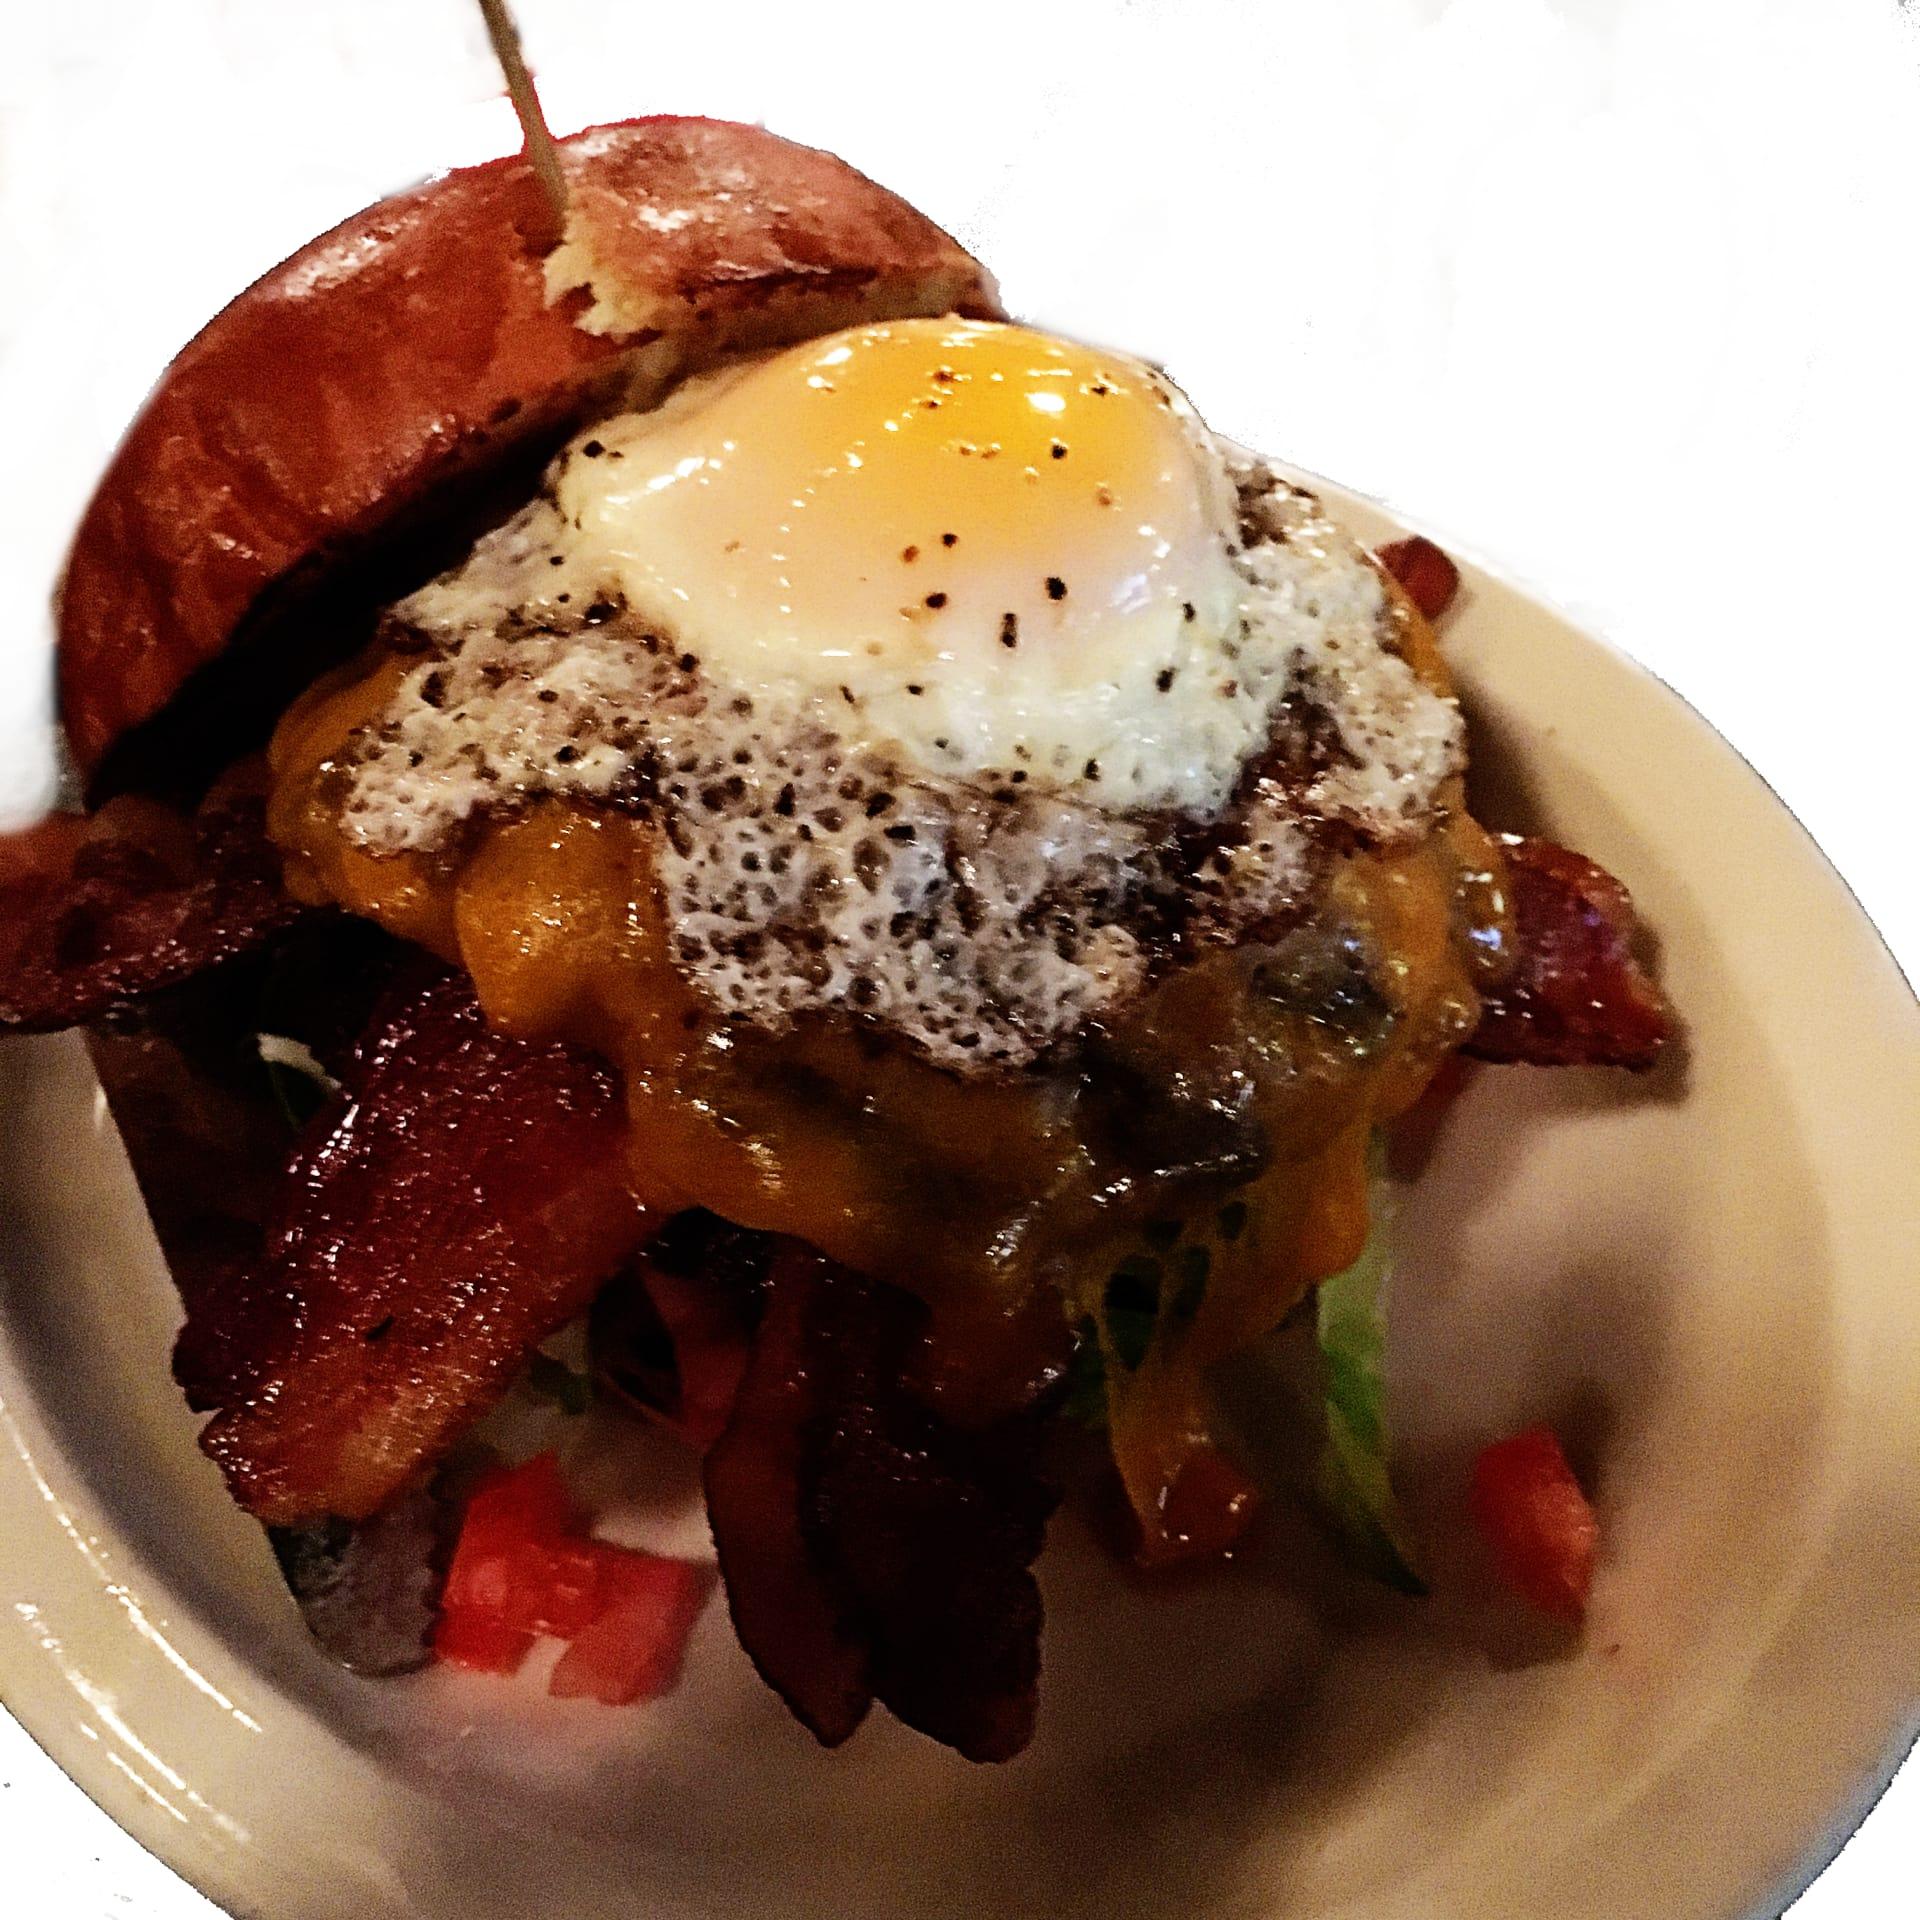 Bacon Egg & Cheddar Burger